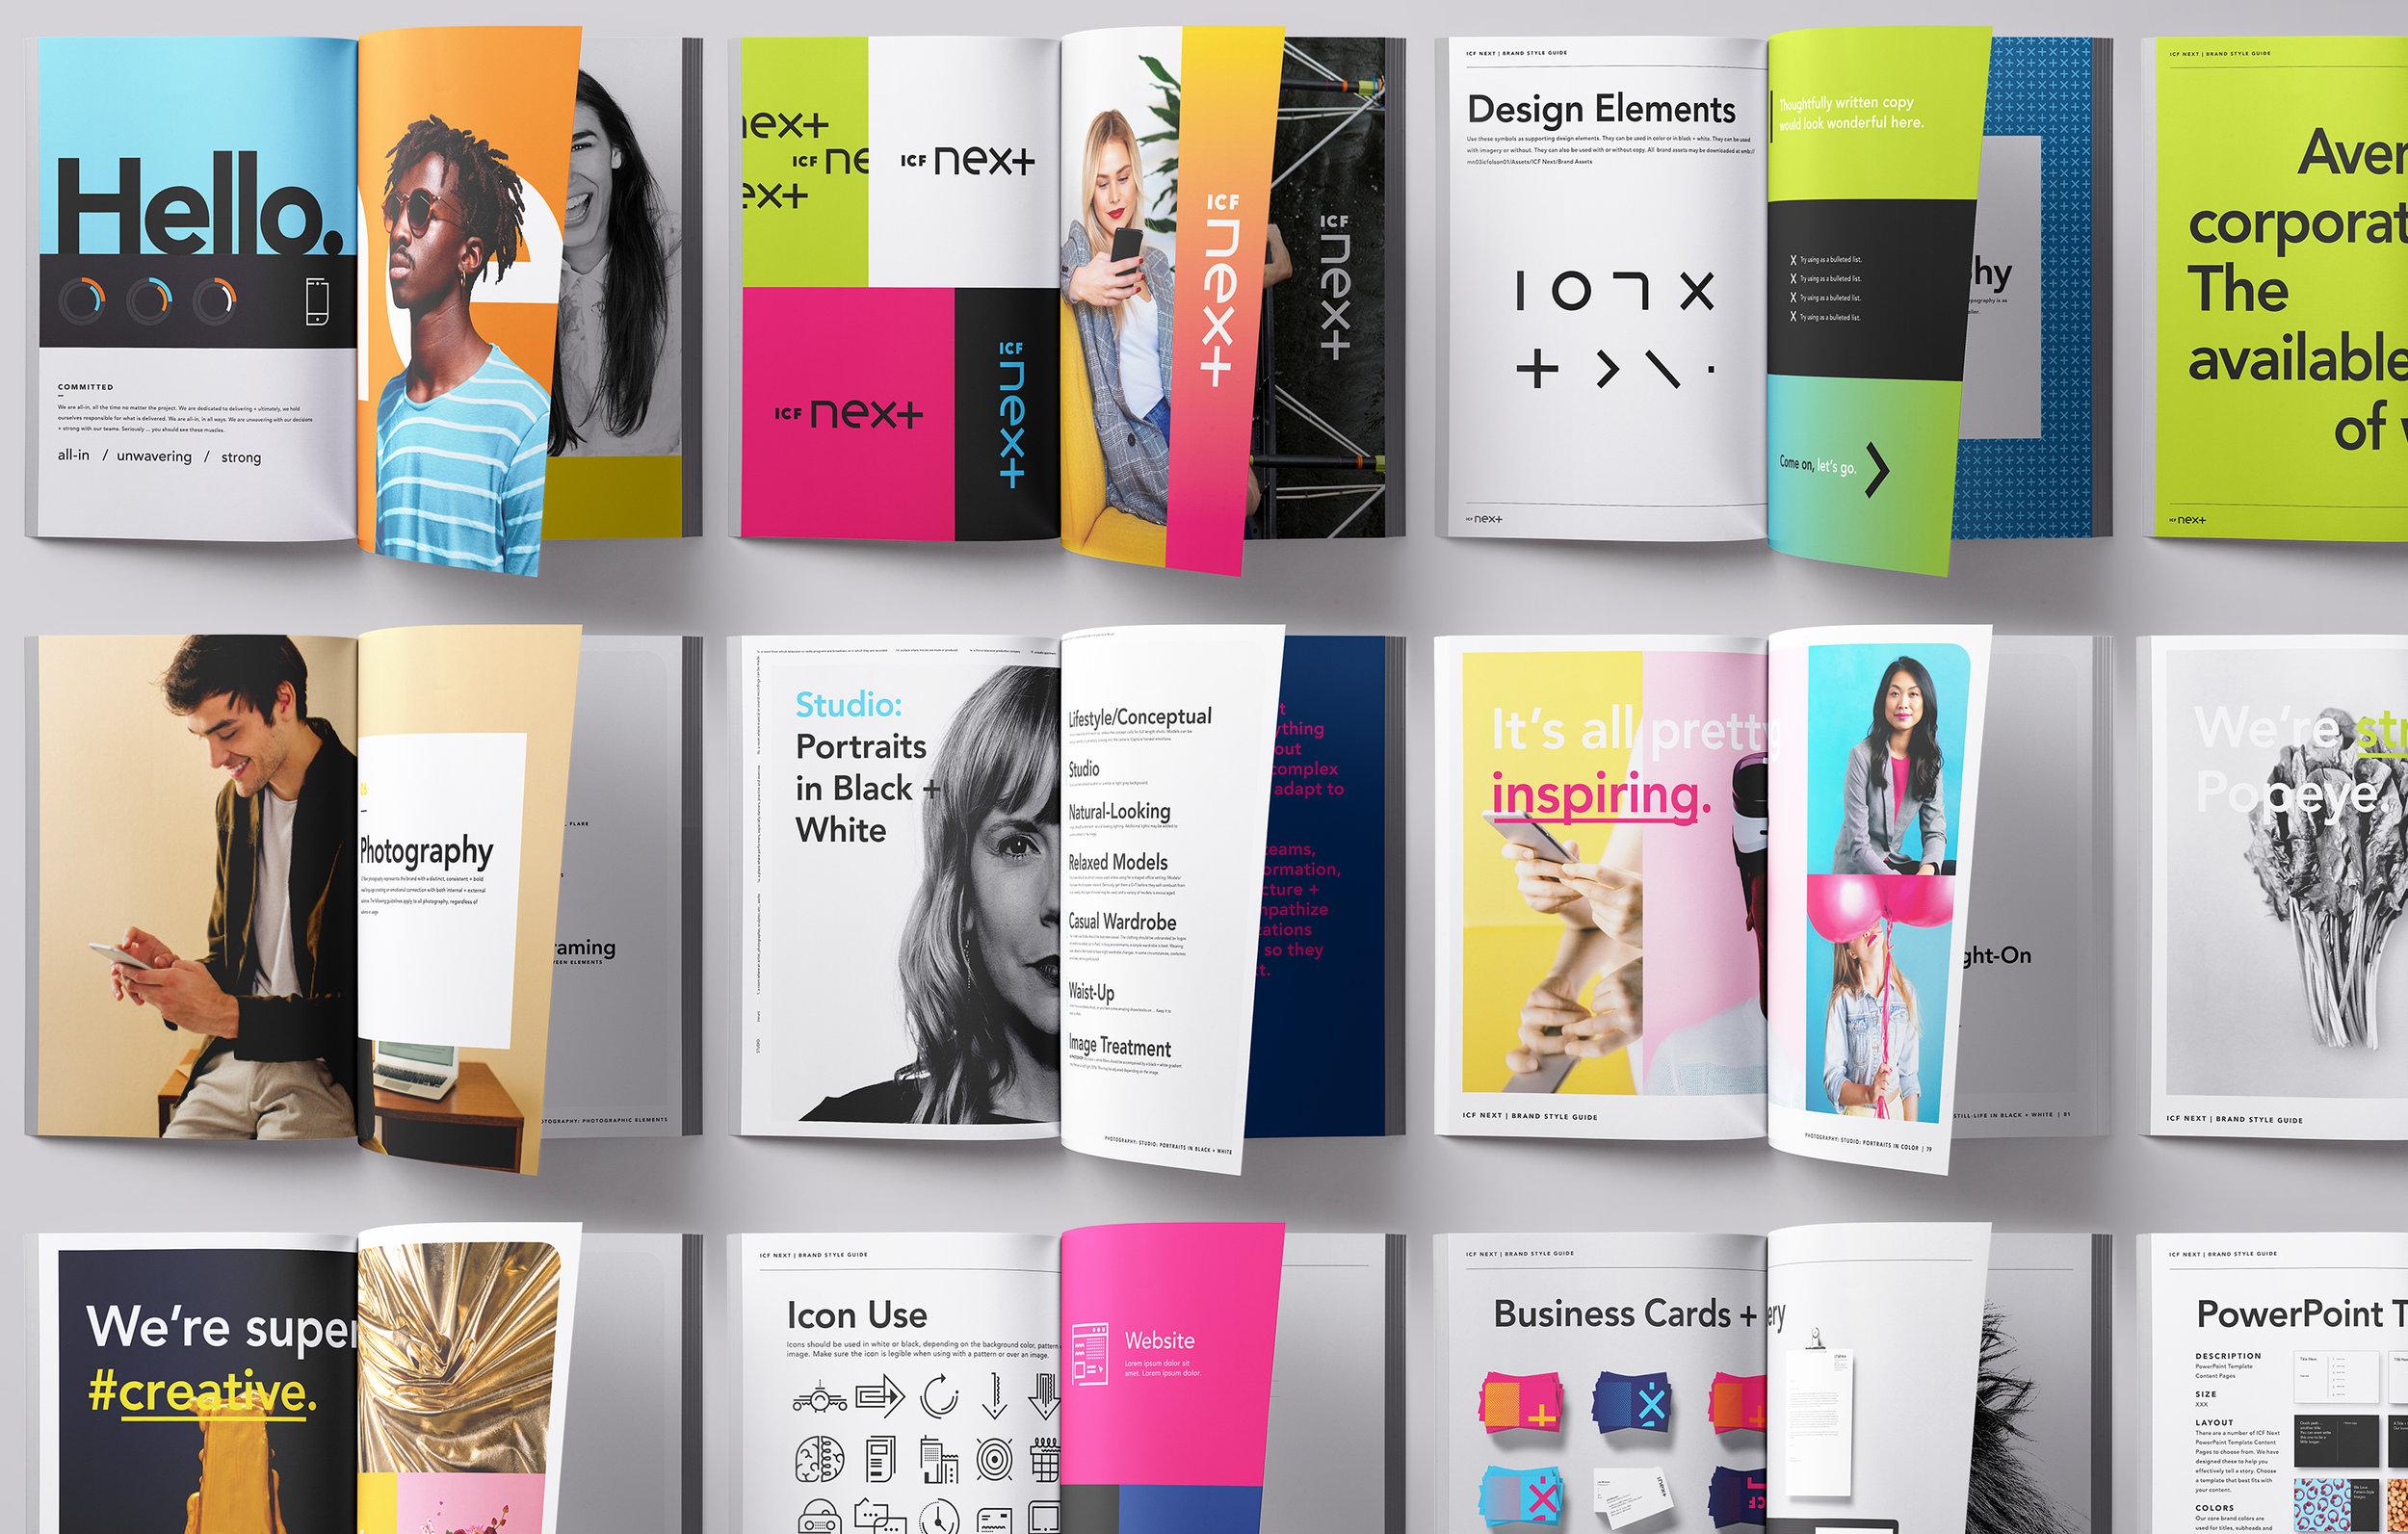 Magazine-Mockup-Presentation-v2.jpg